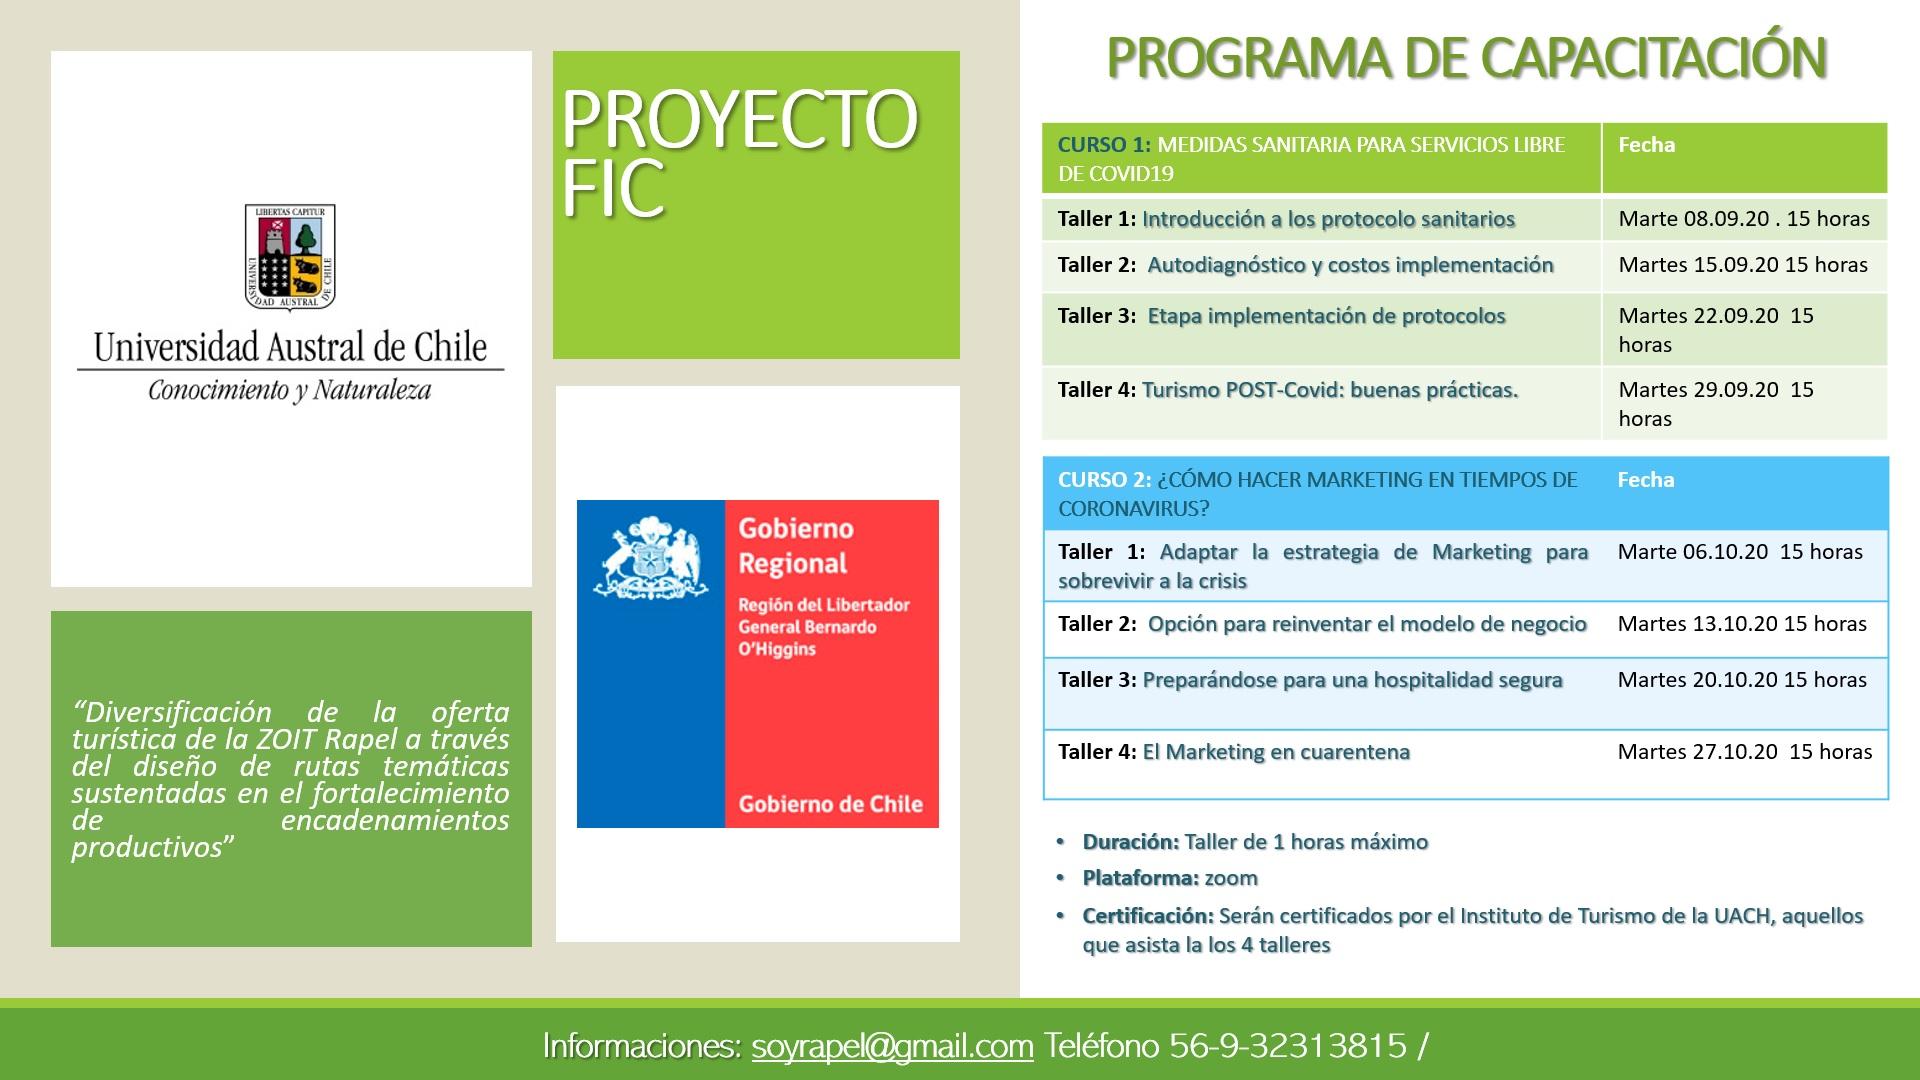 Fotografía de Proyecto FIC - Capacitación